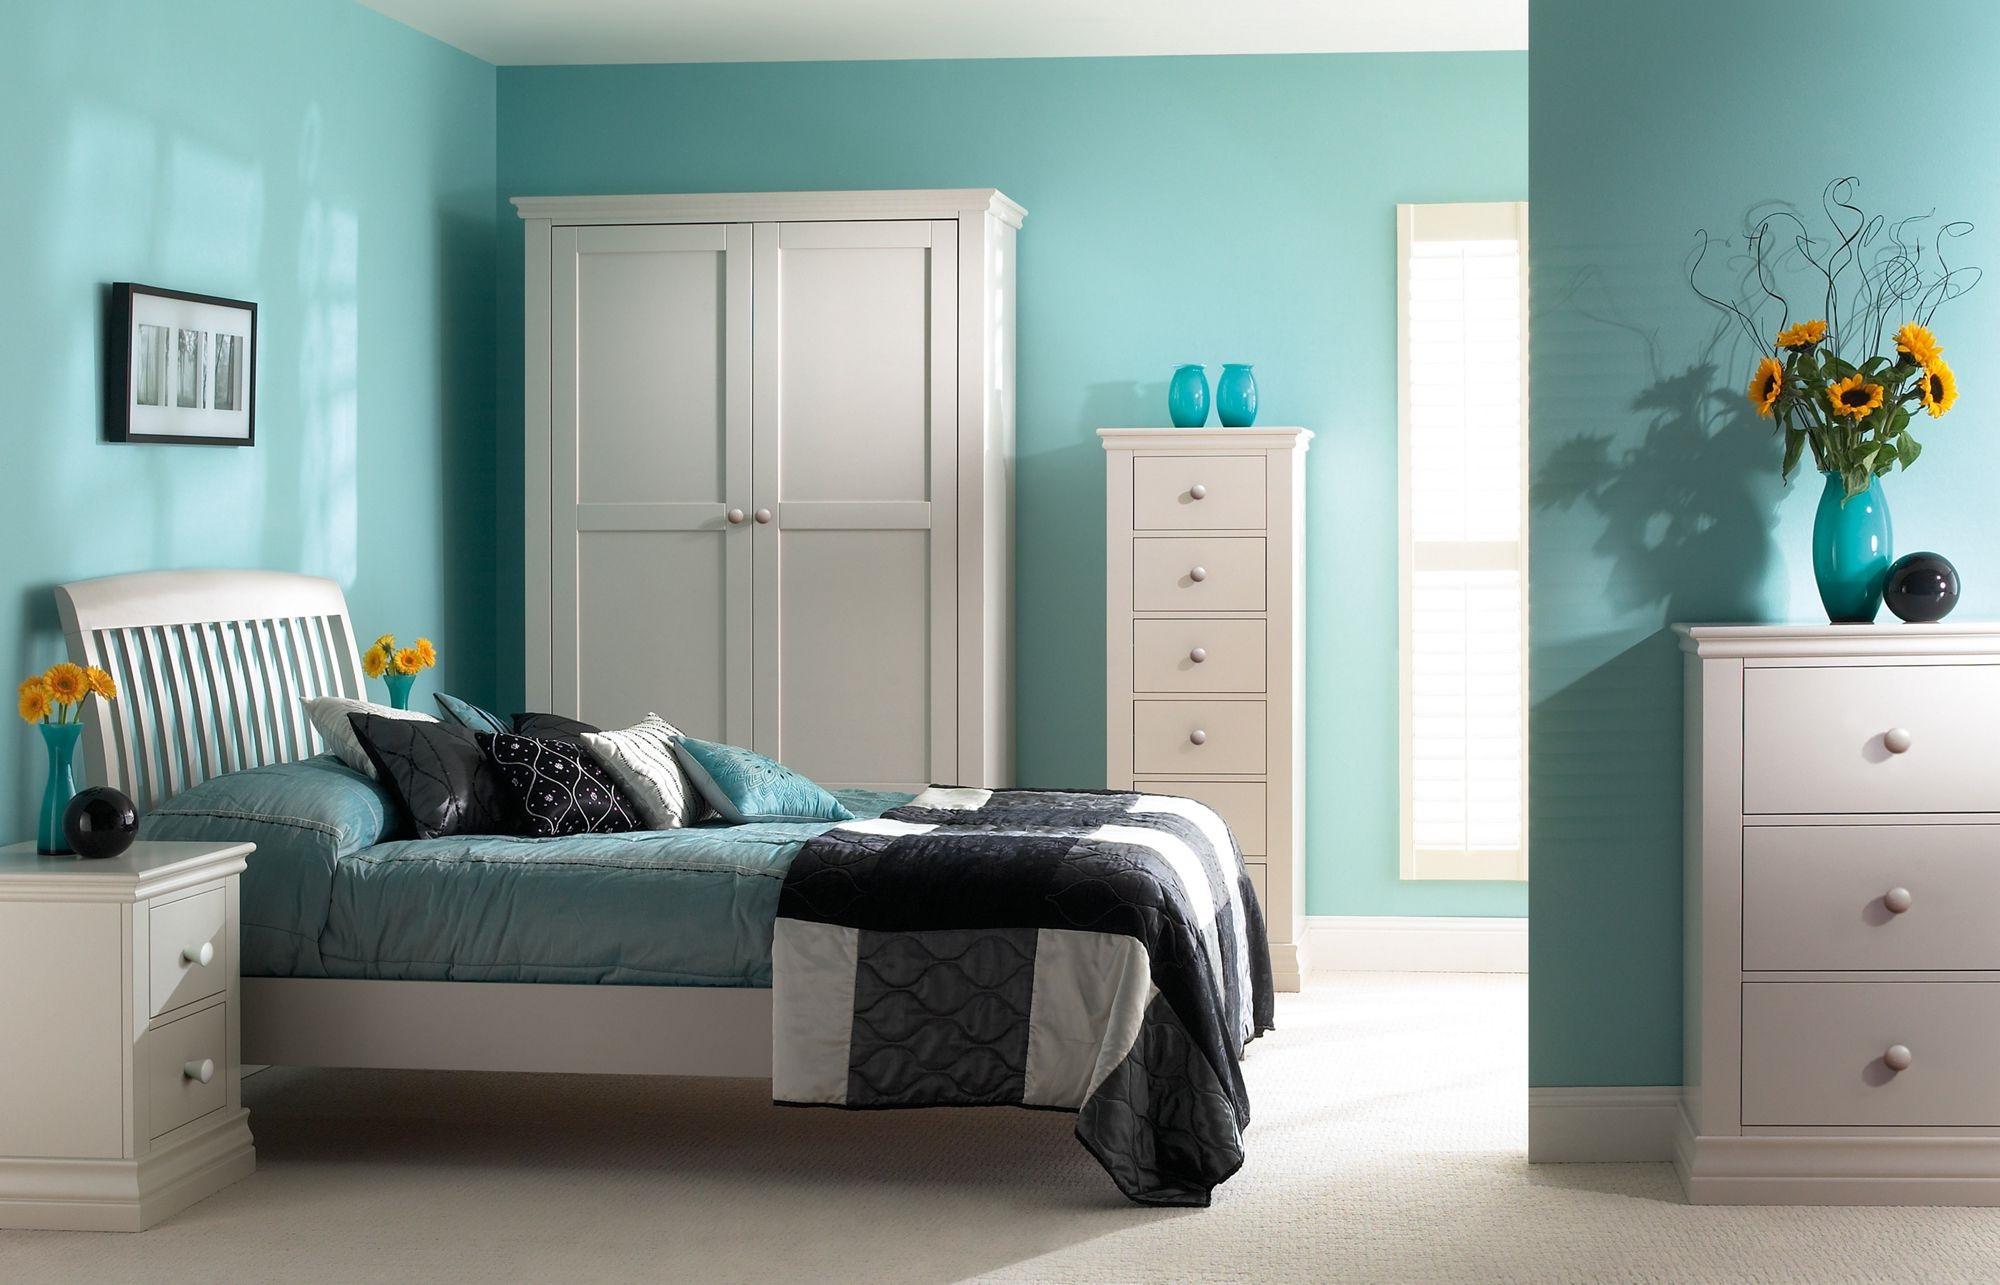 Бирюзовая спальня: декор и сочетание цветов (27 фото)